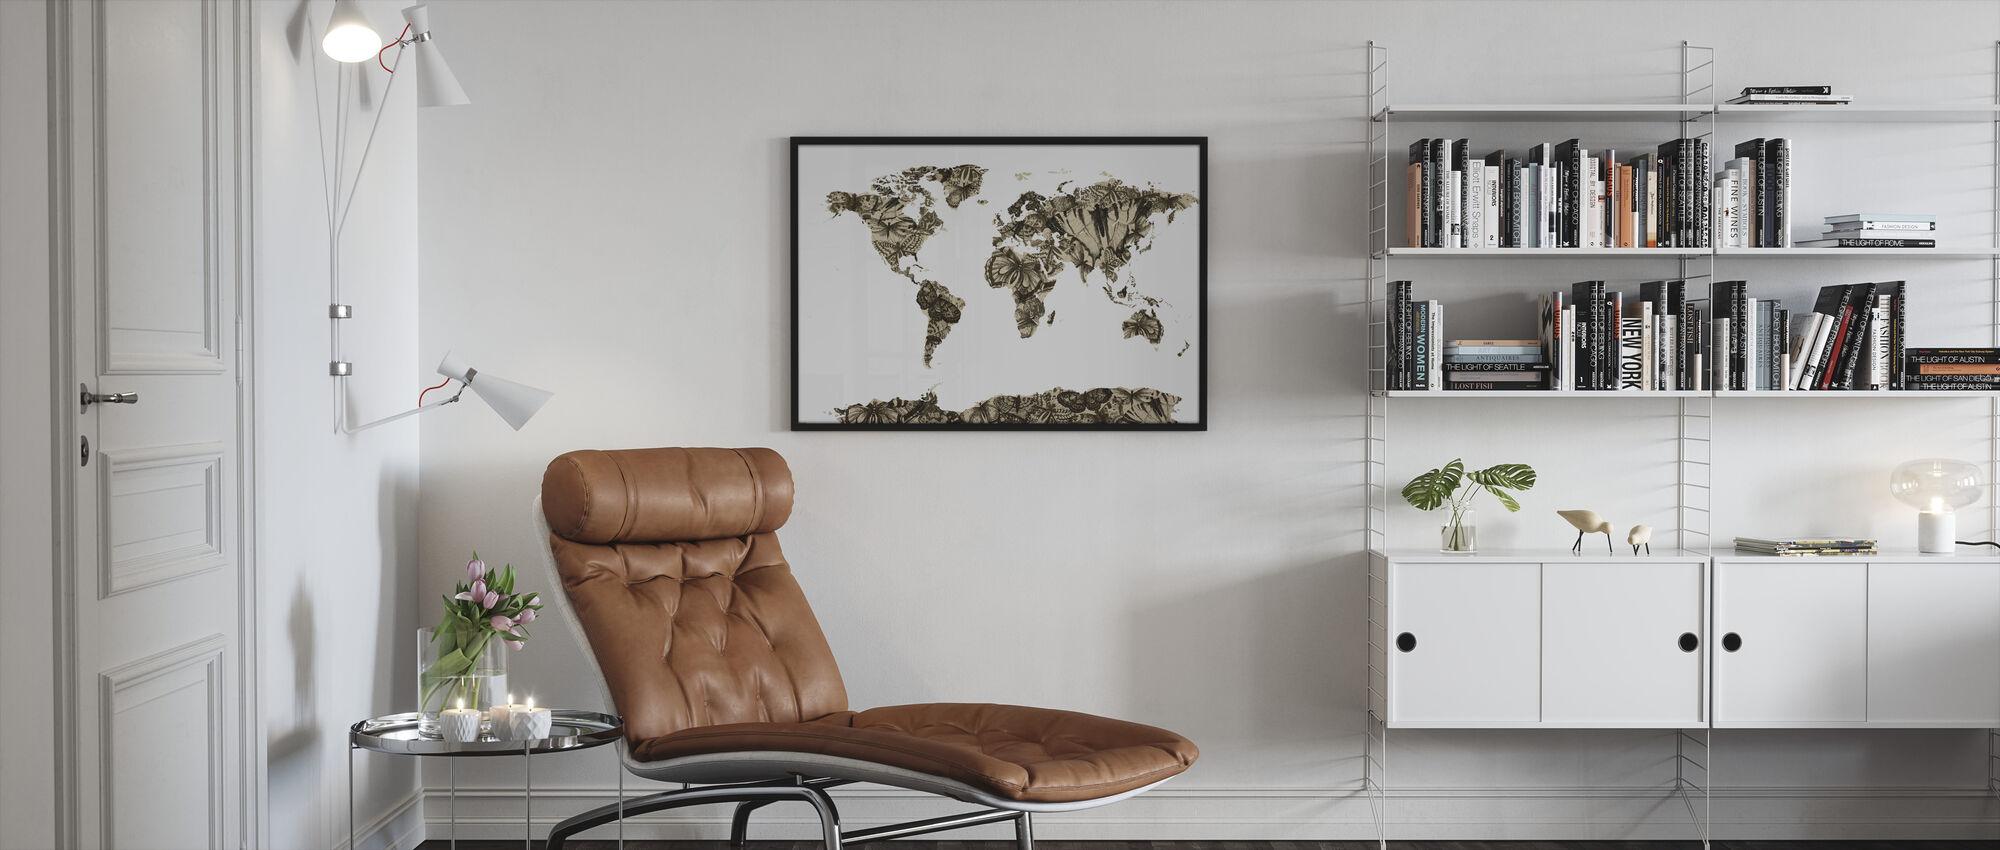 Butterfly Maailman Kartta - Kehystetty kuva - Olohuone